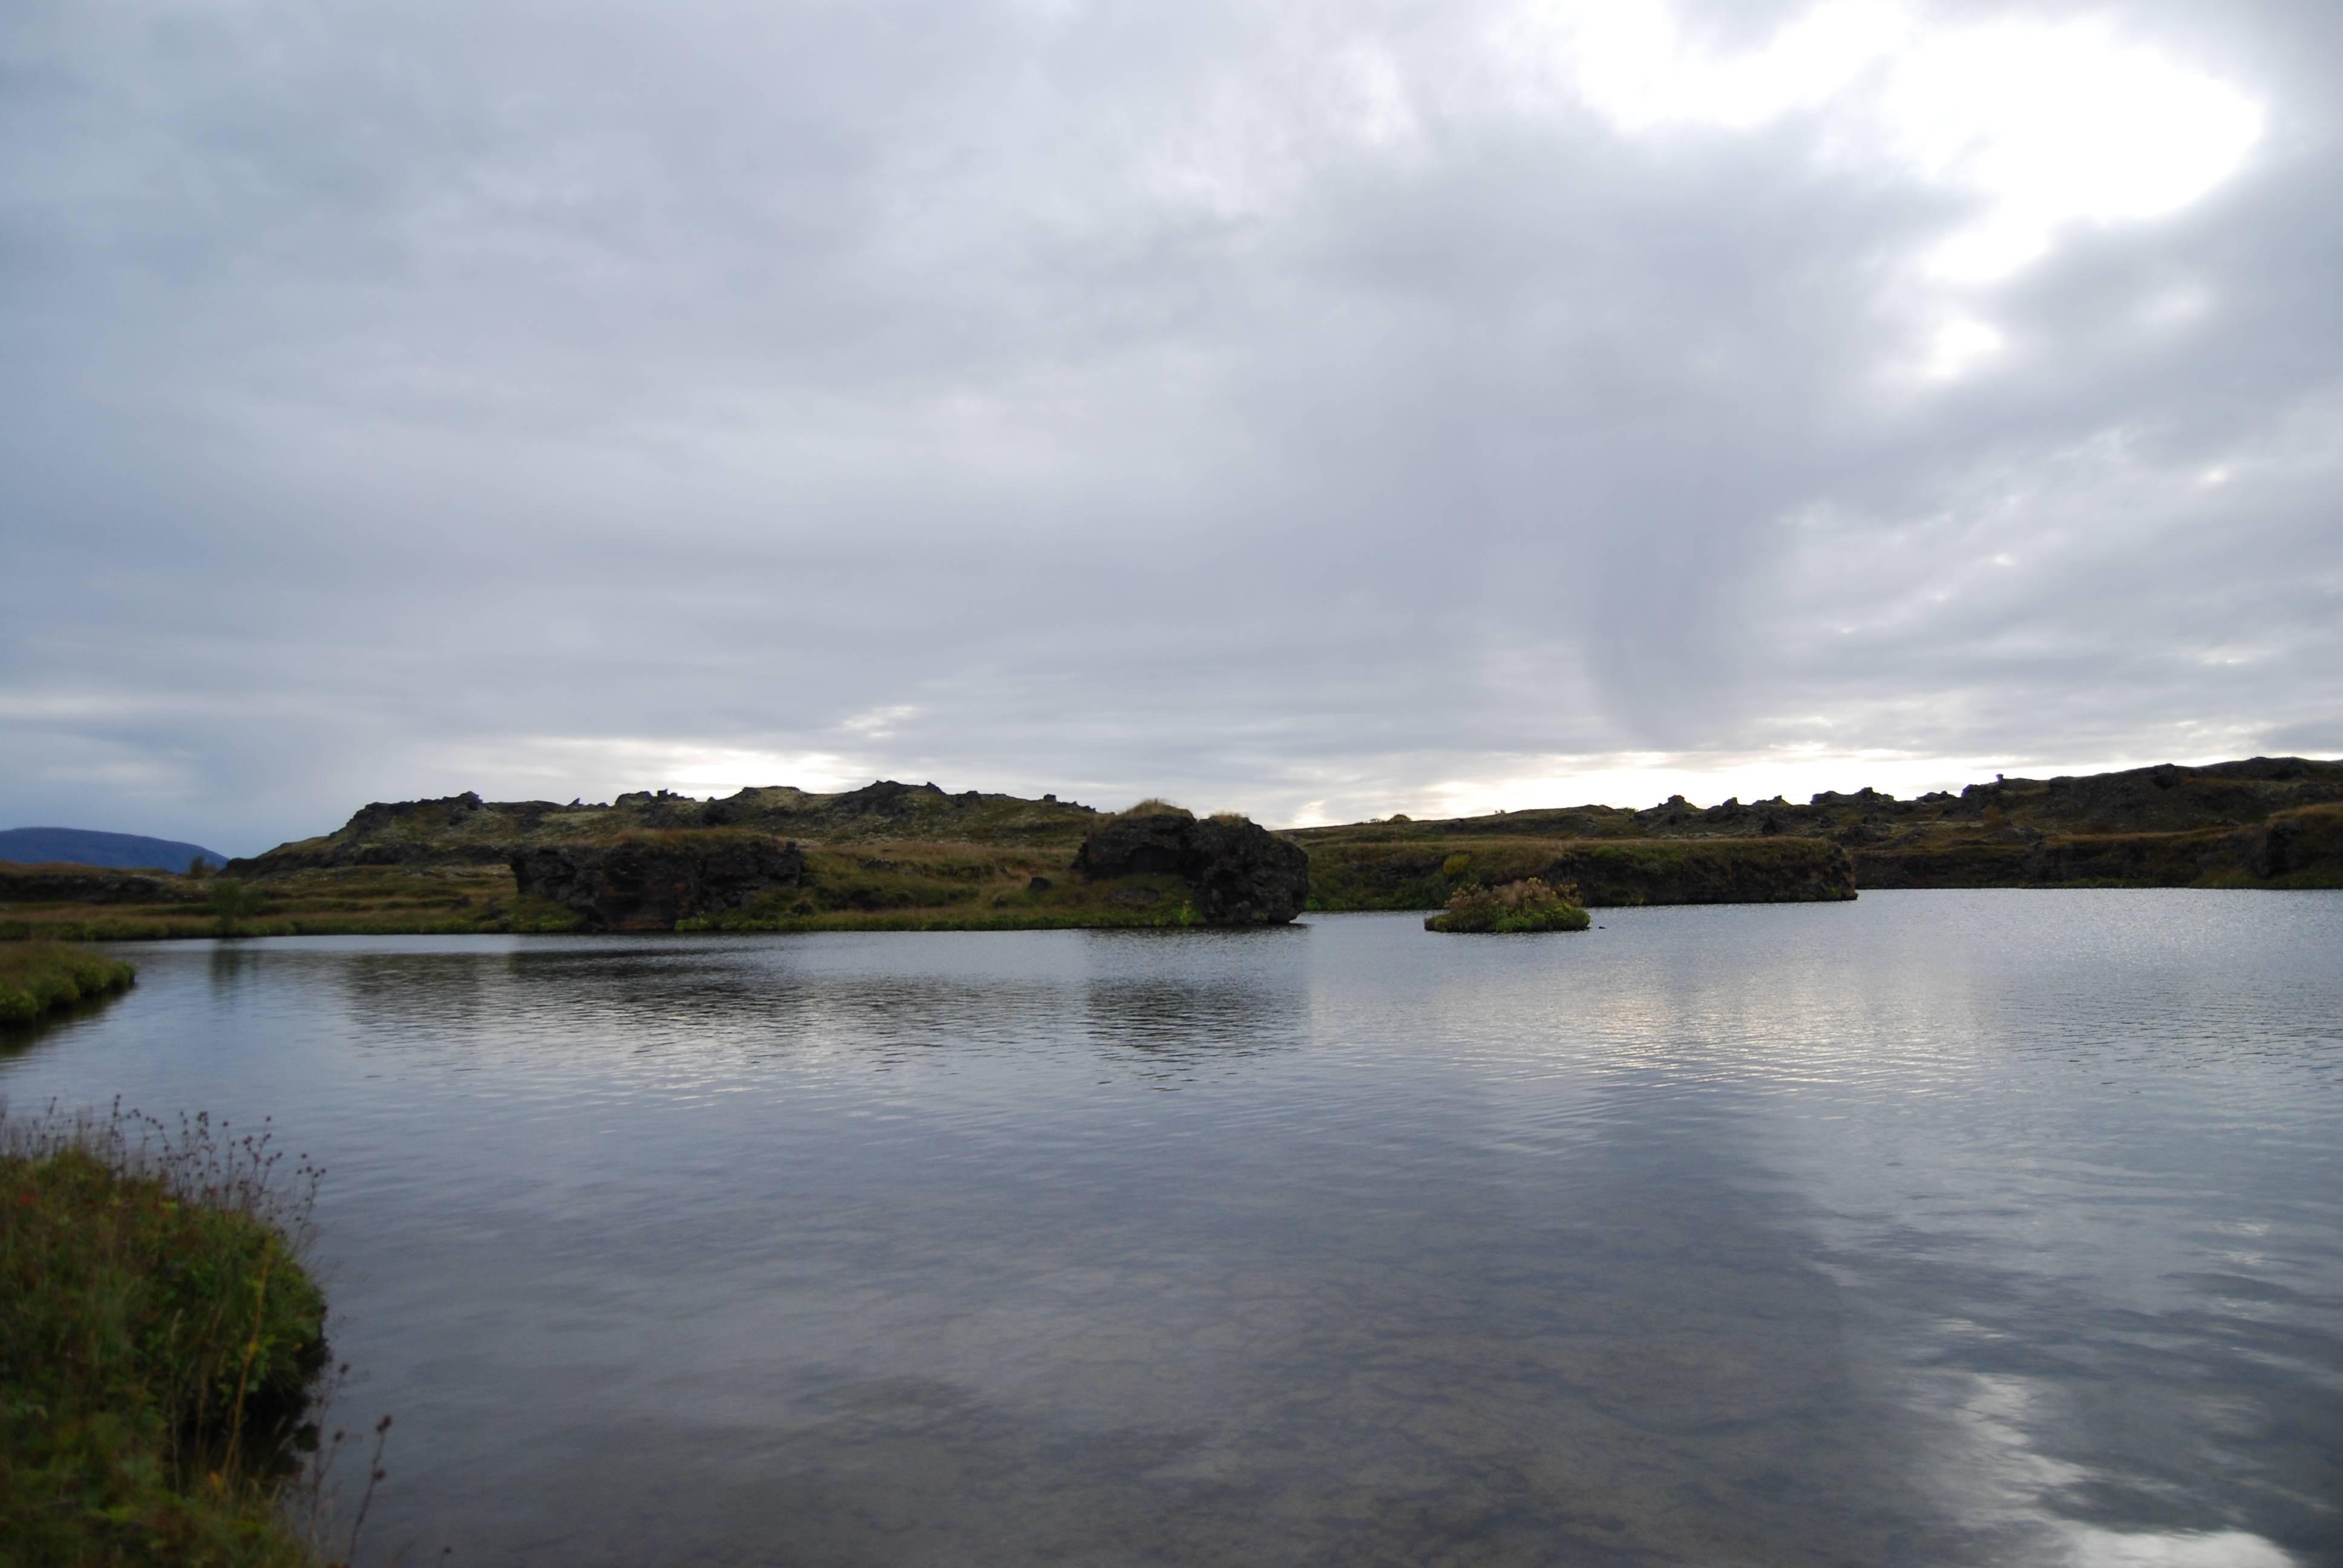 Photo 2: Le Lac de Myvatn, sérénité assurée